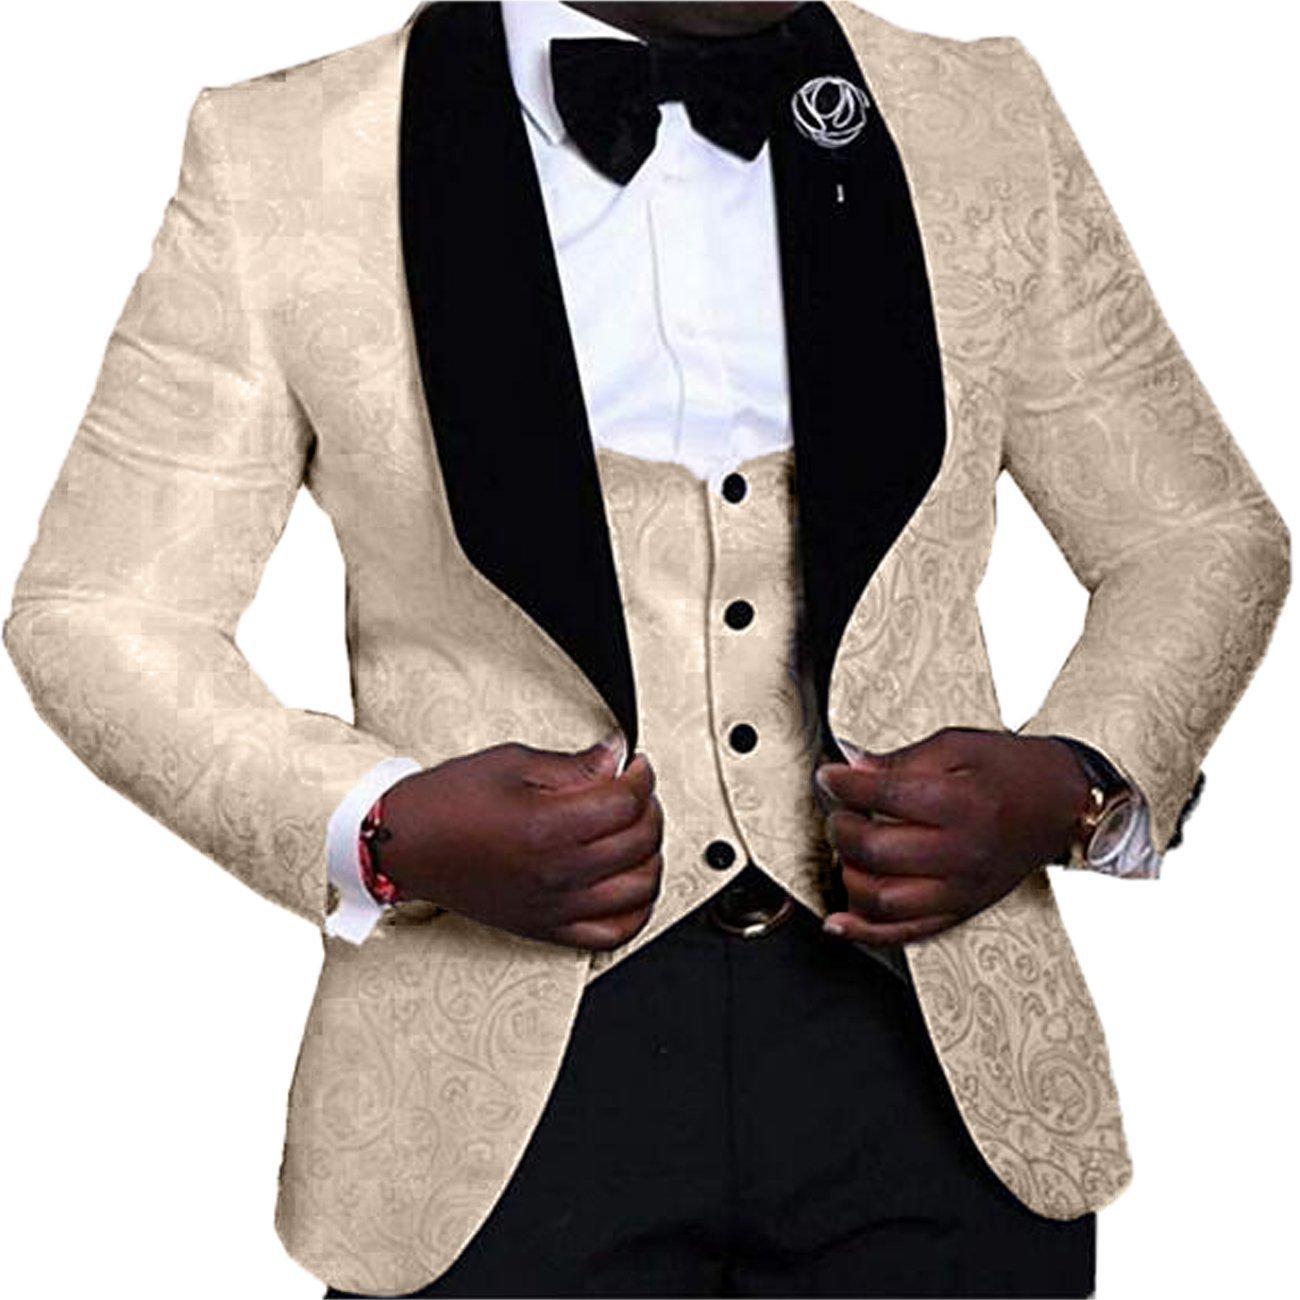 YSMO Men's Jacquard 3-Piece Suit Slim One Button Tuxedo Blazer Jacket Pants Vest Set